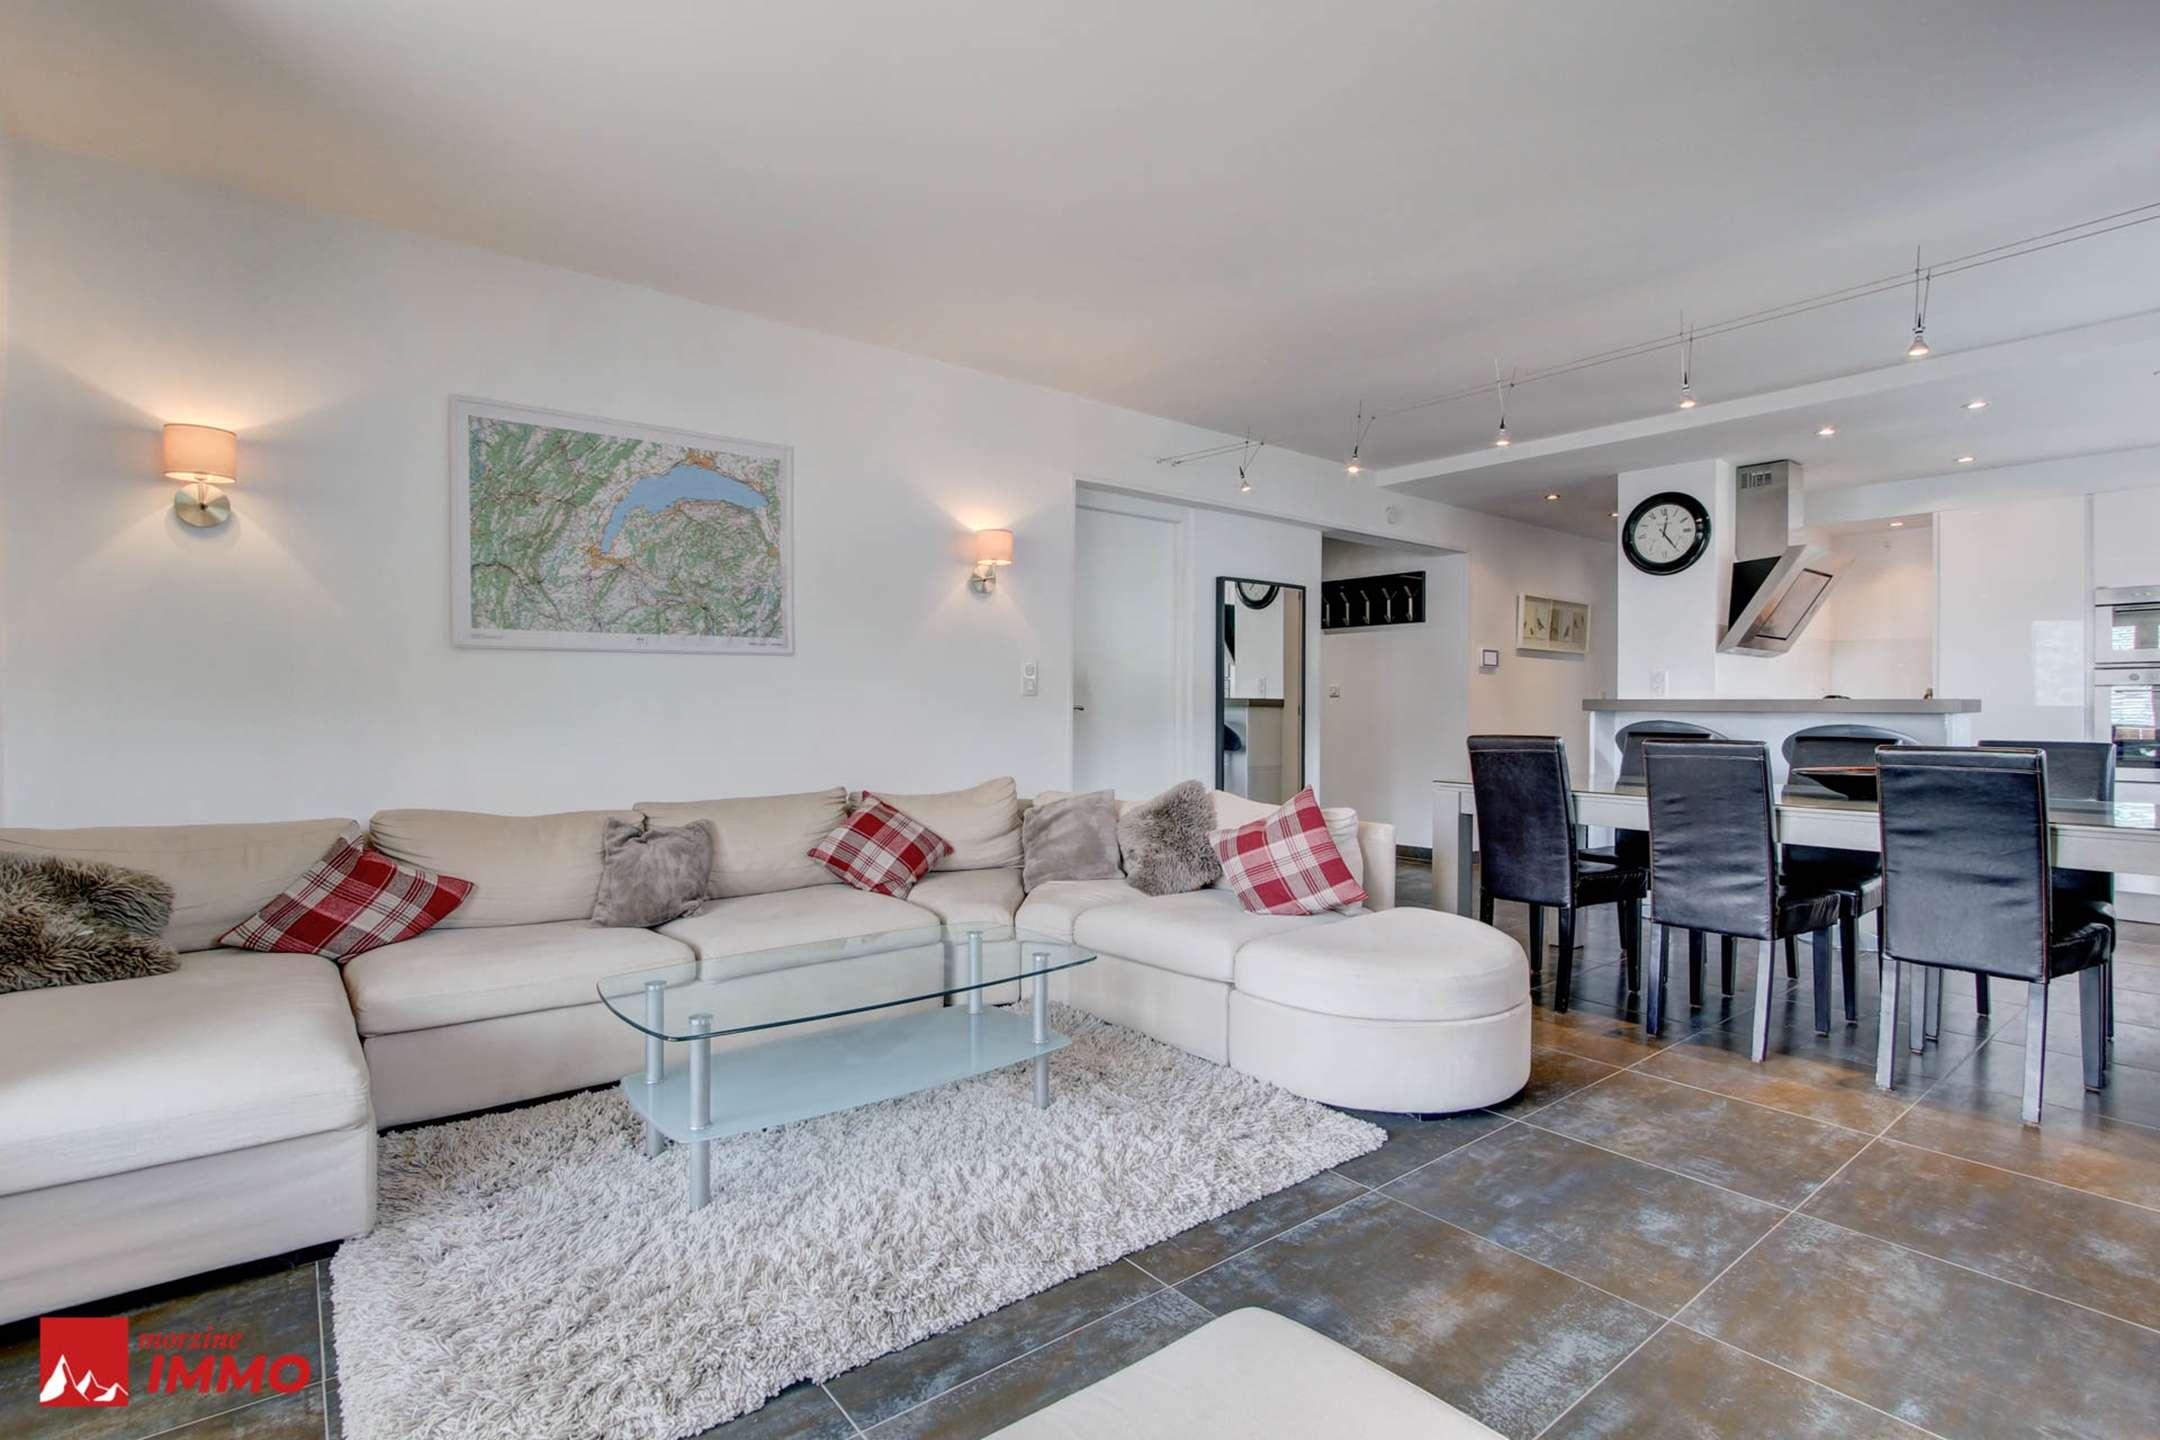 Appartement 3 chambres, rénové, au centre de Morzine